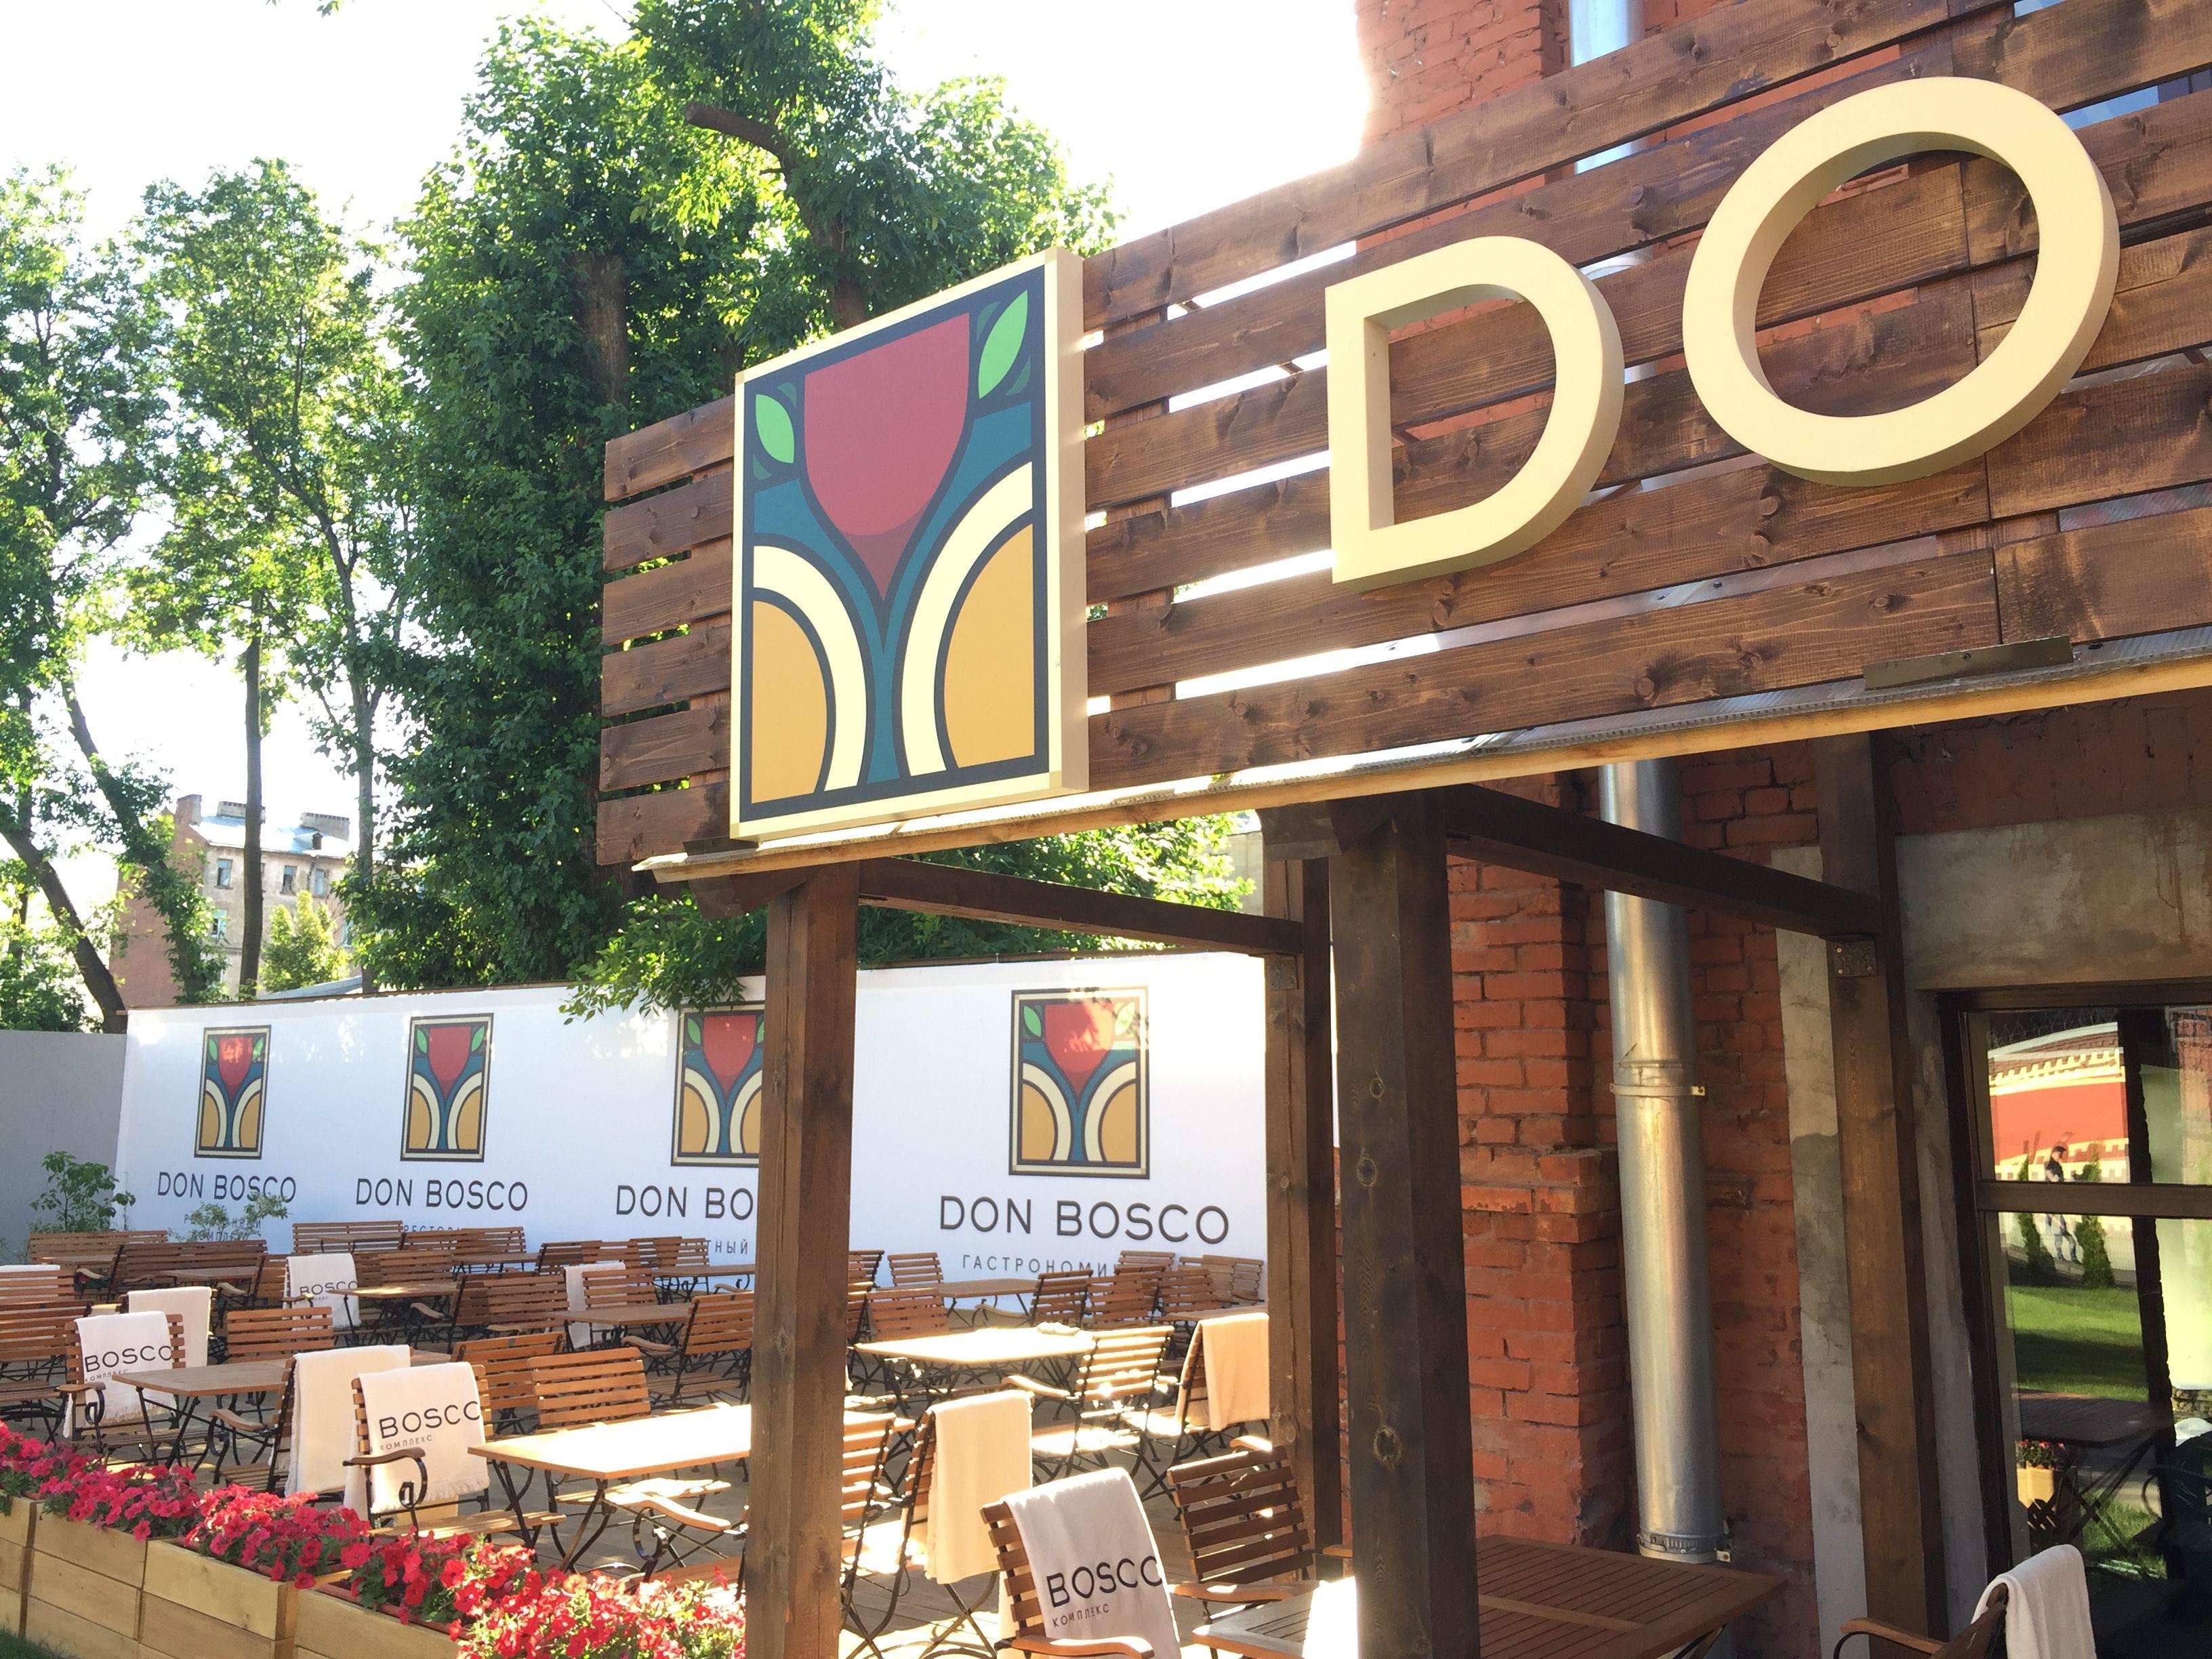 Объёмные световые буквы, наружные вывески, производство, дизайн, проектирование, ресторан, DON BOSCO